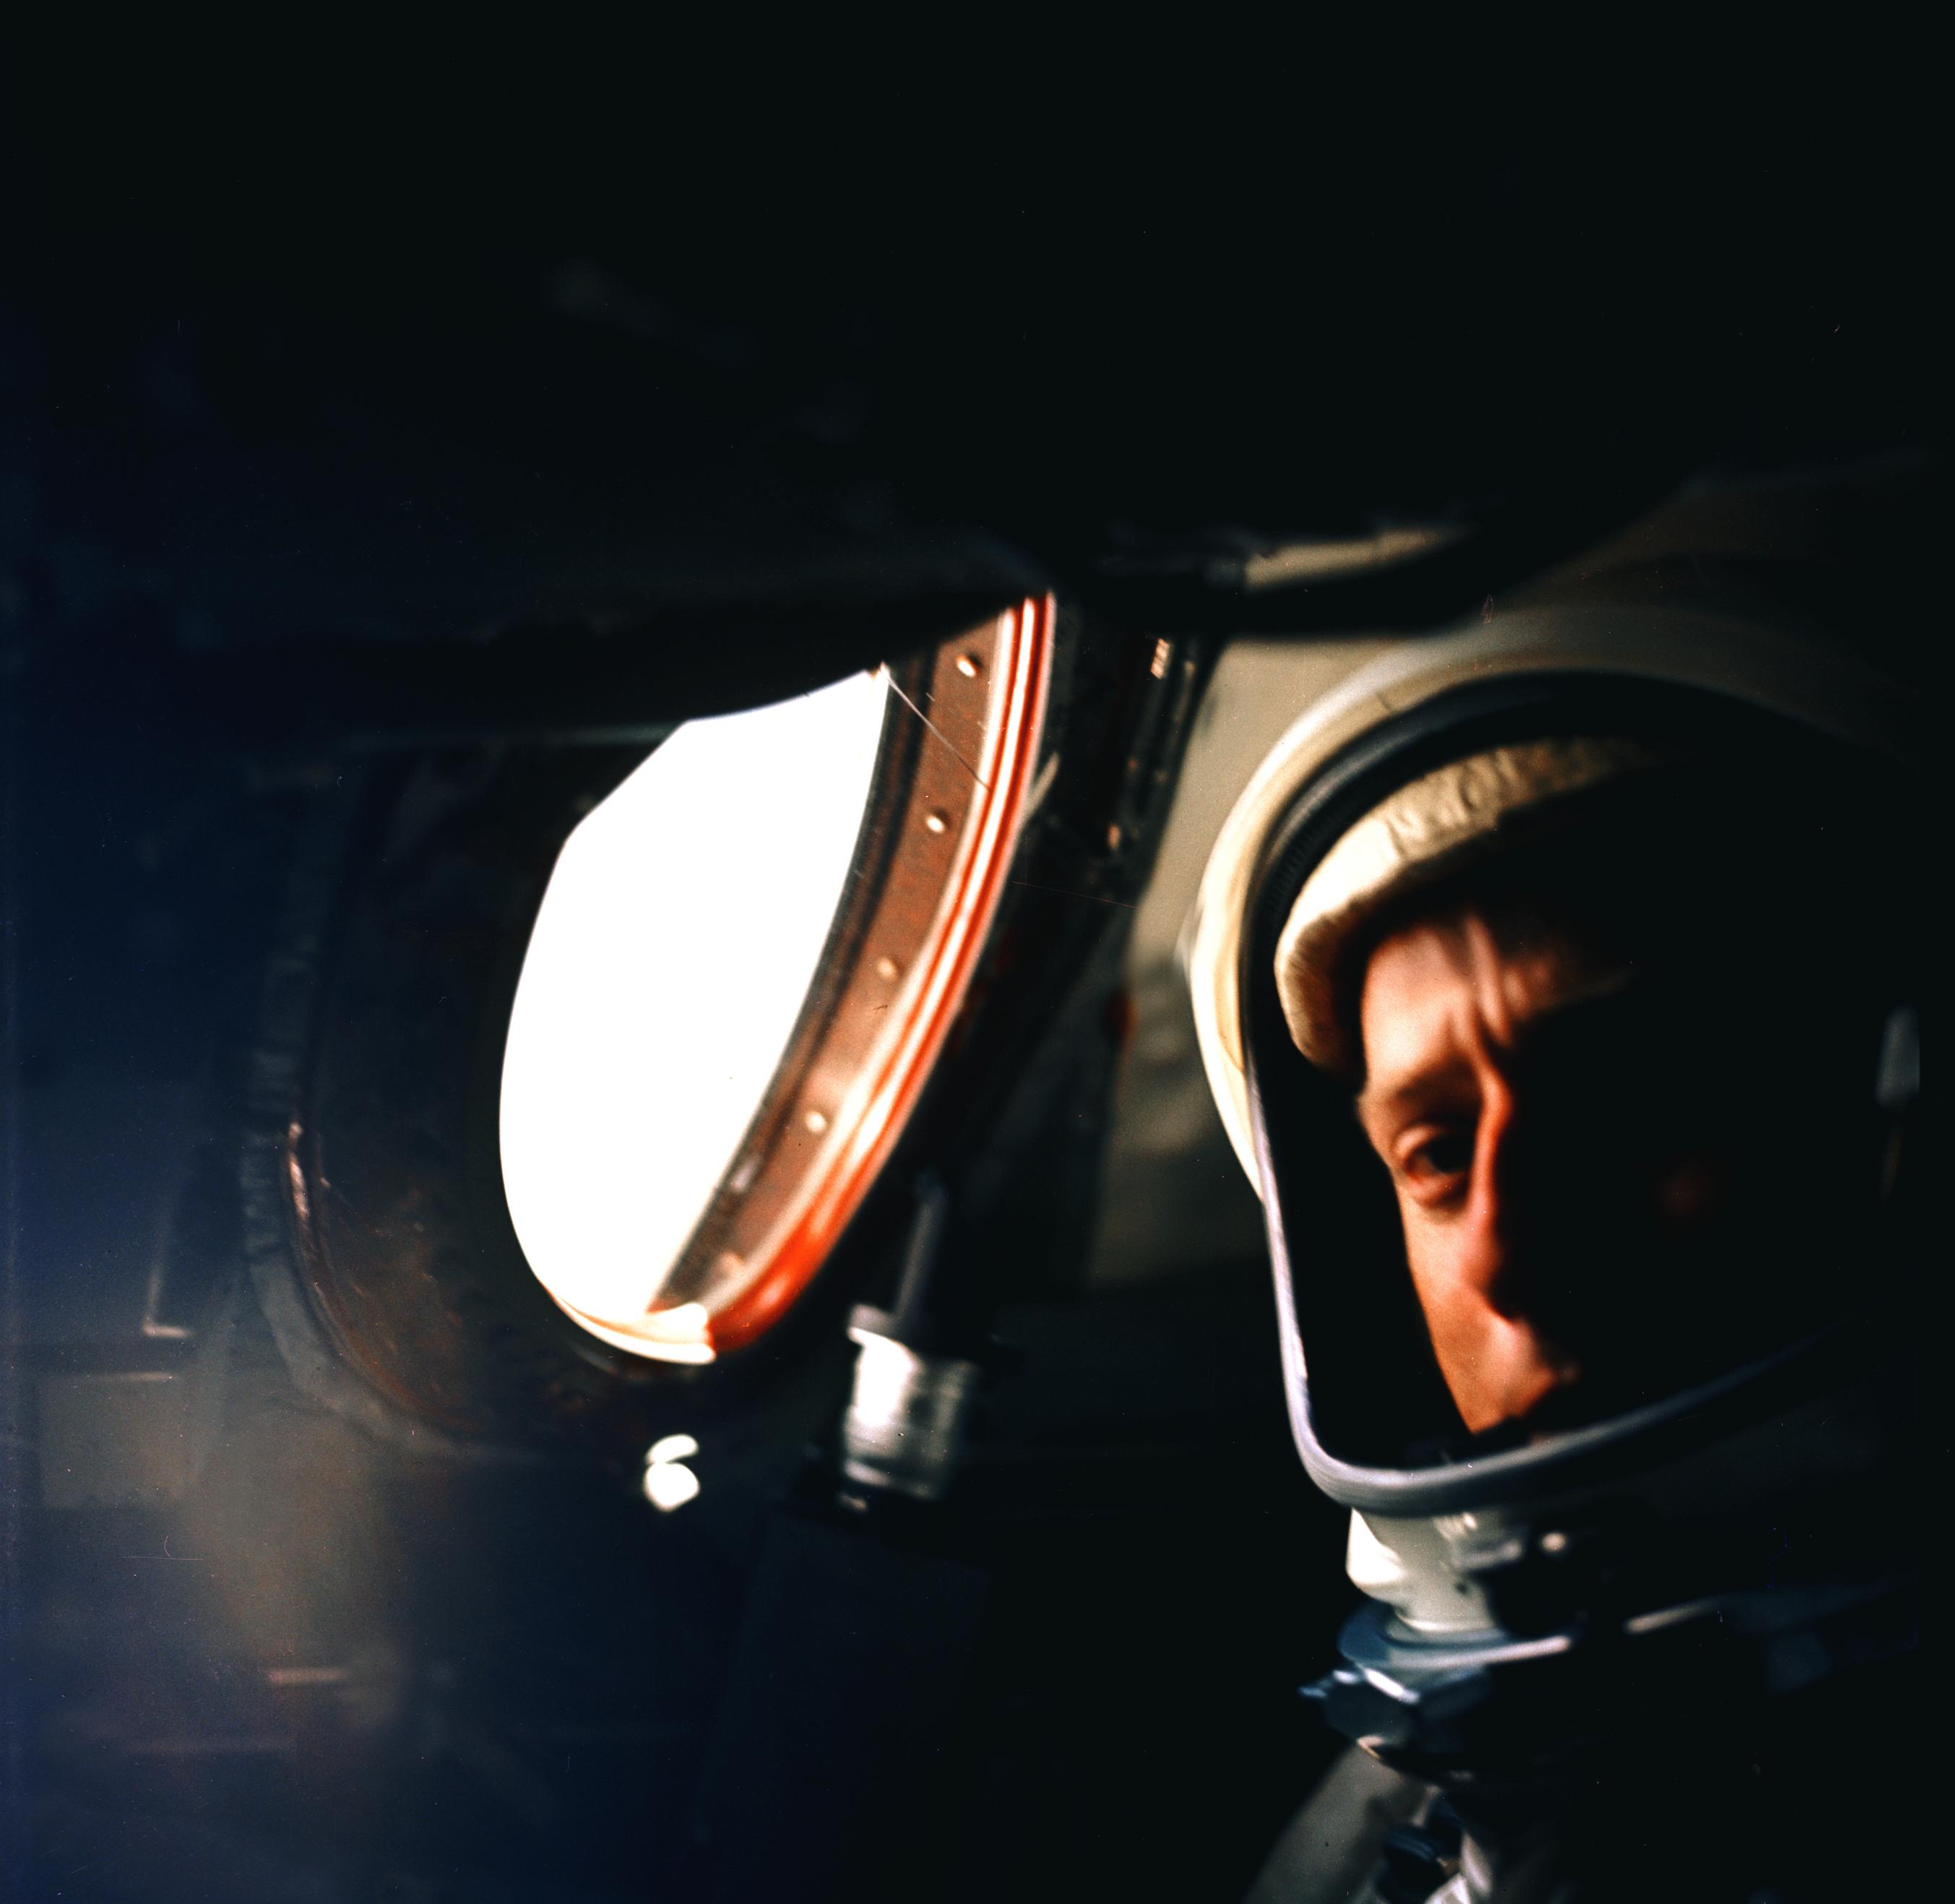 Gemini V